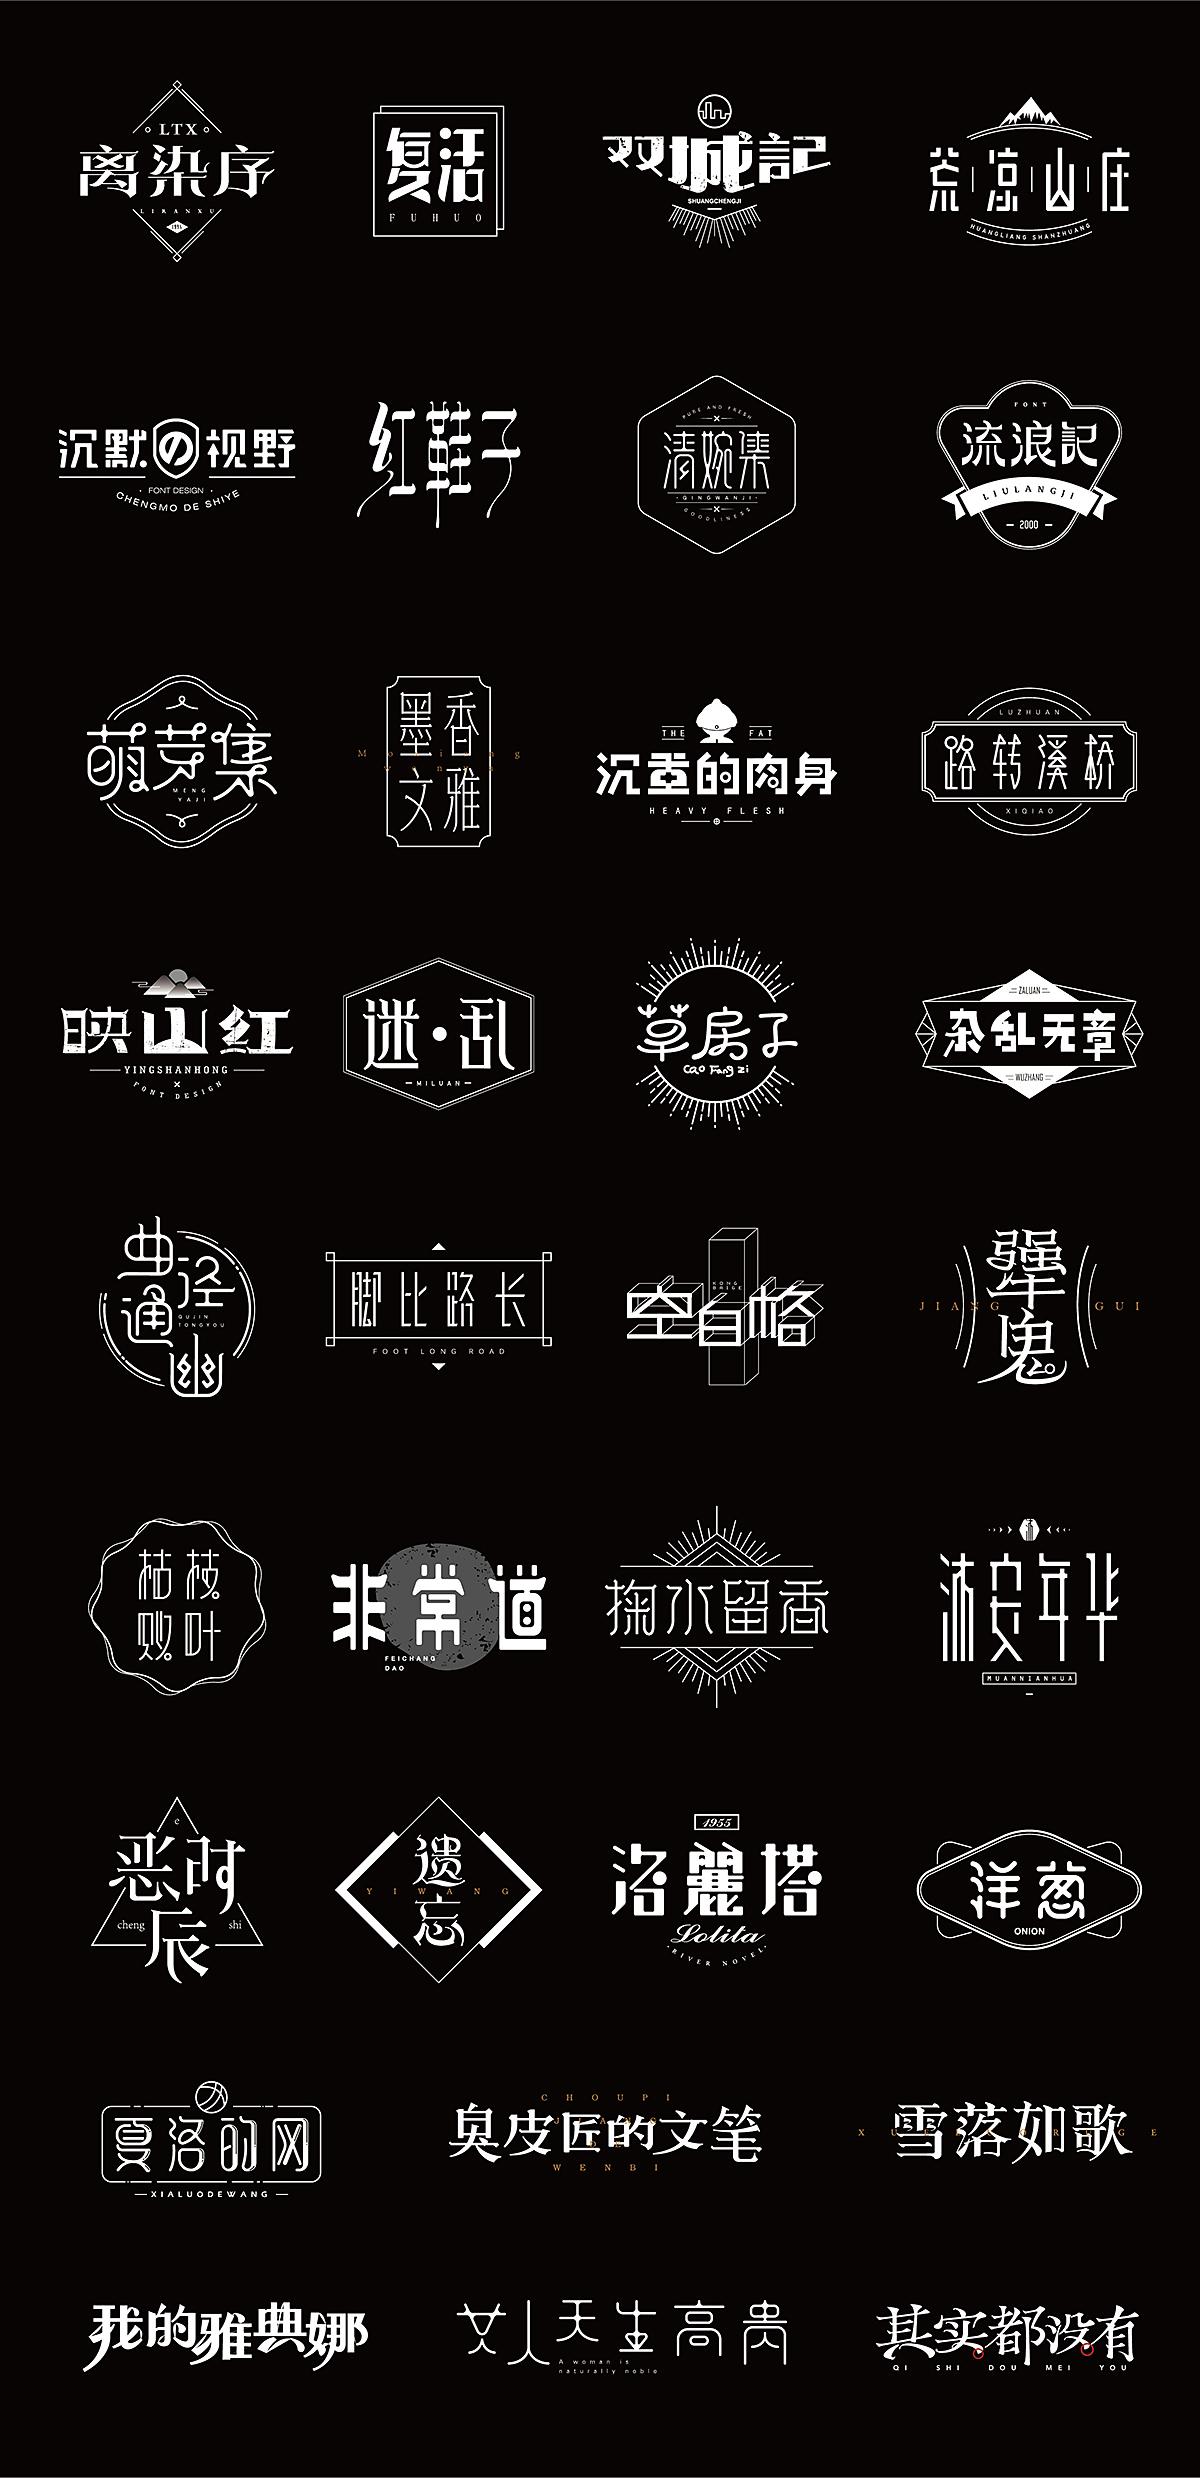 一大波超漂亮的中文字体logo设计作品